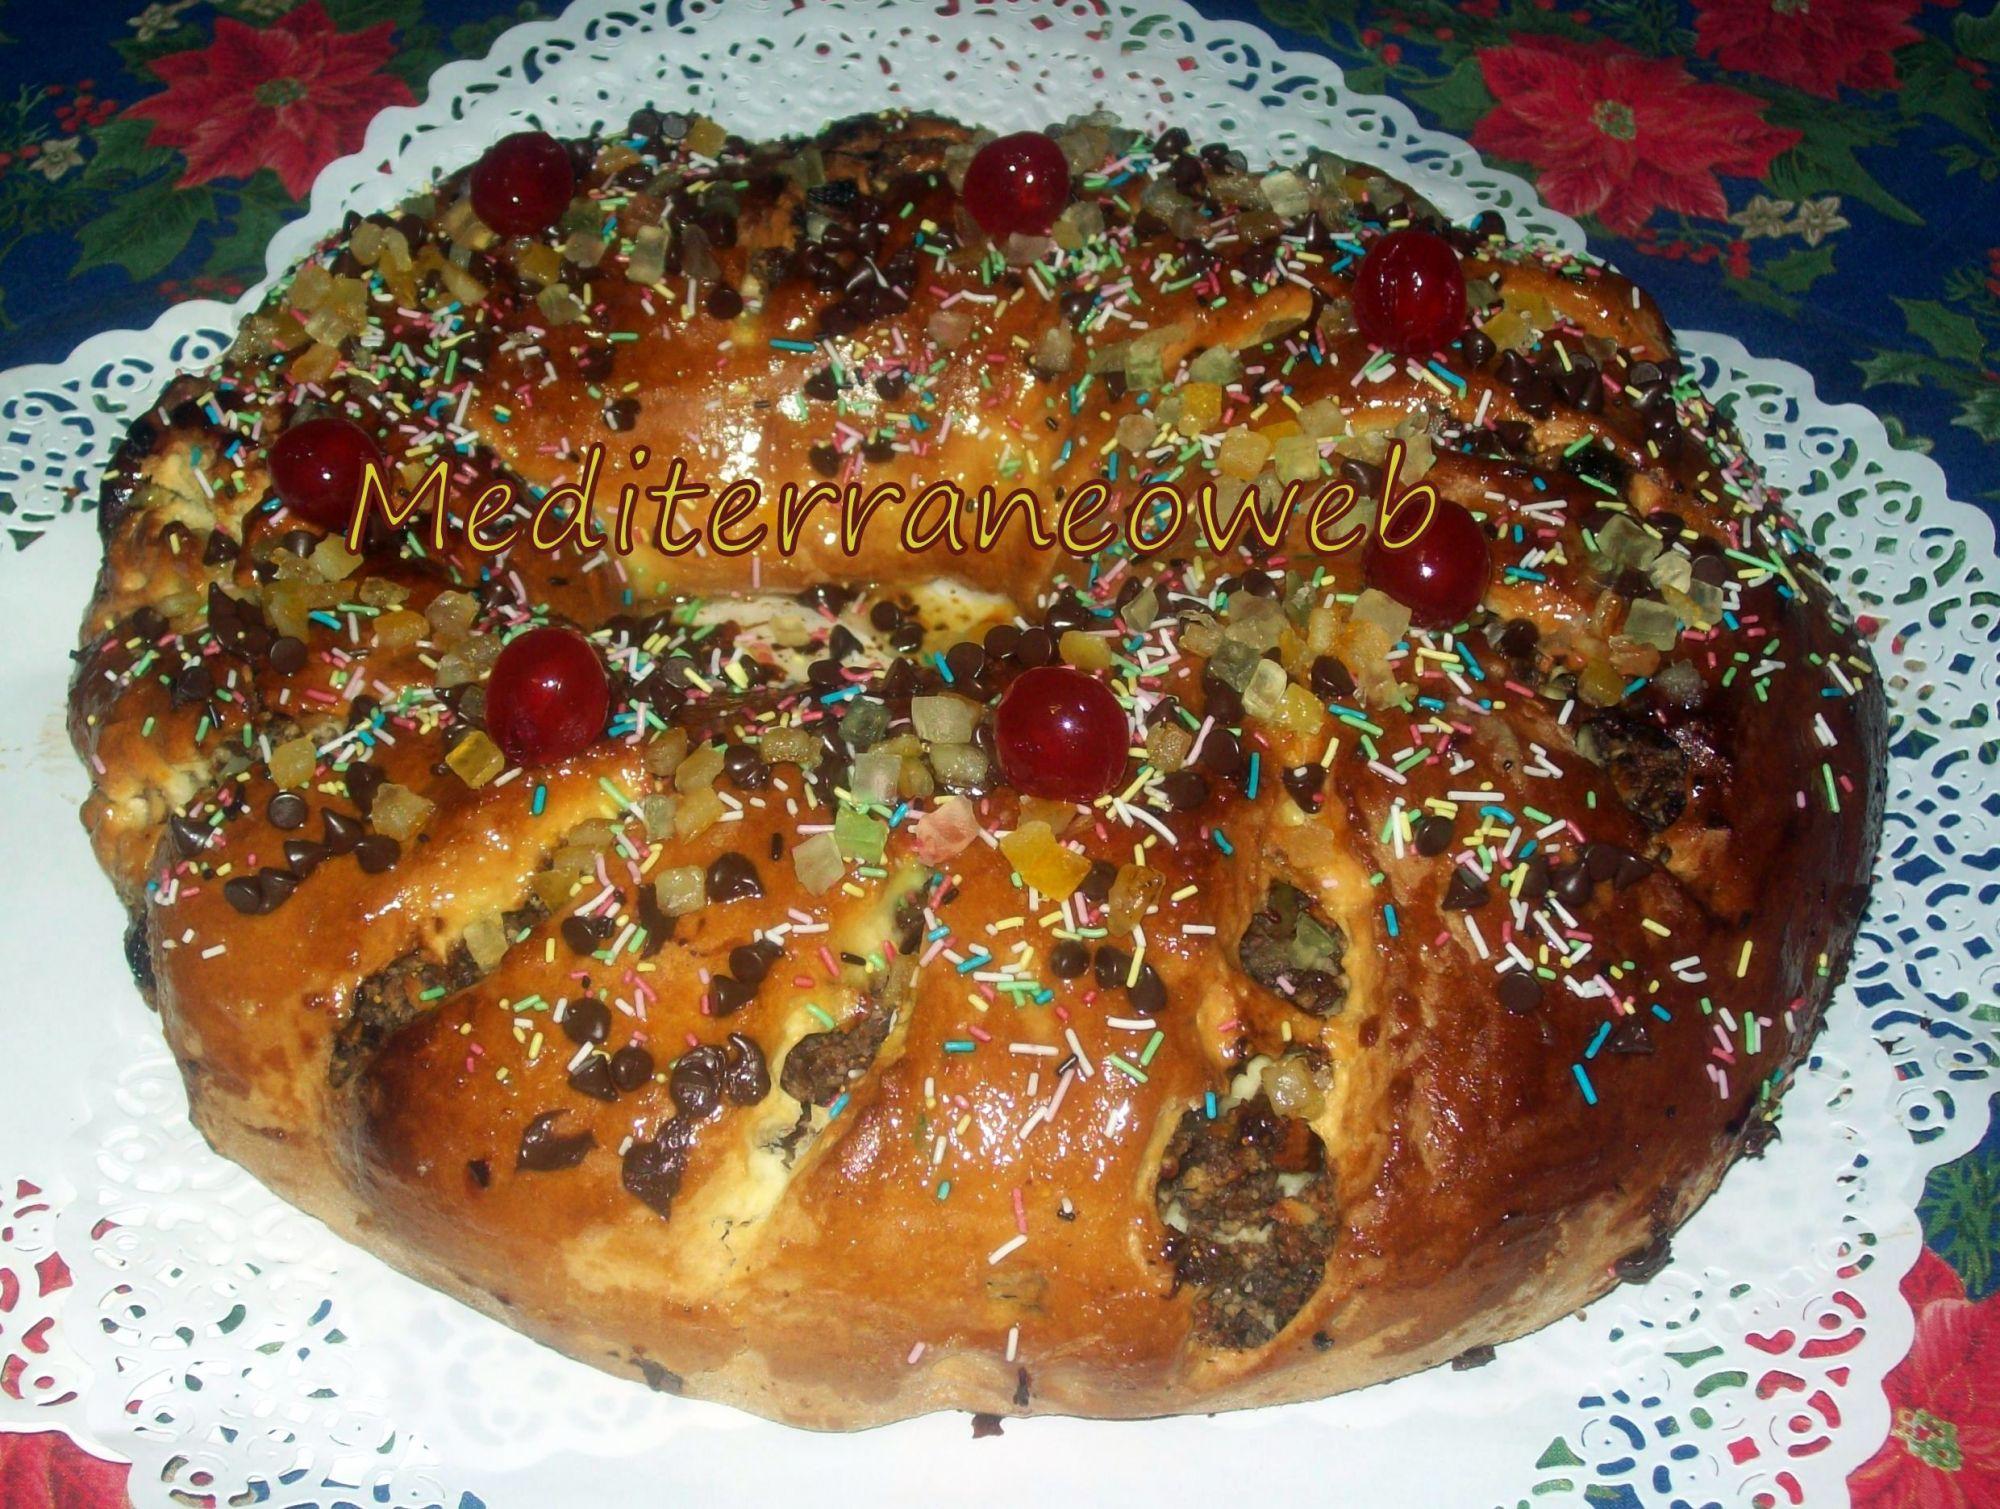 Ricette di dolci di natale siciliani for Ricette dolci siciliani